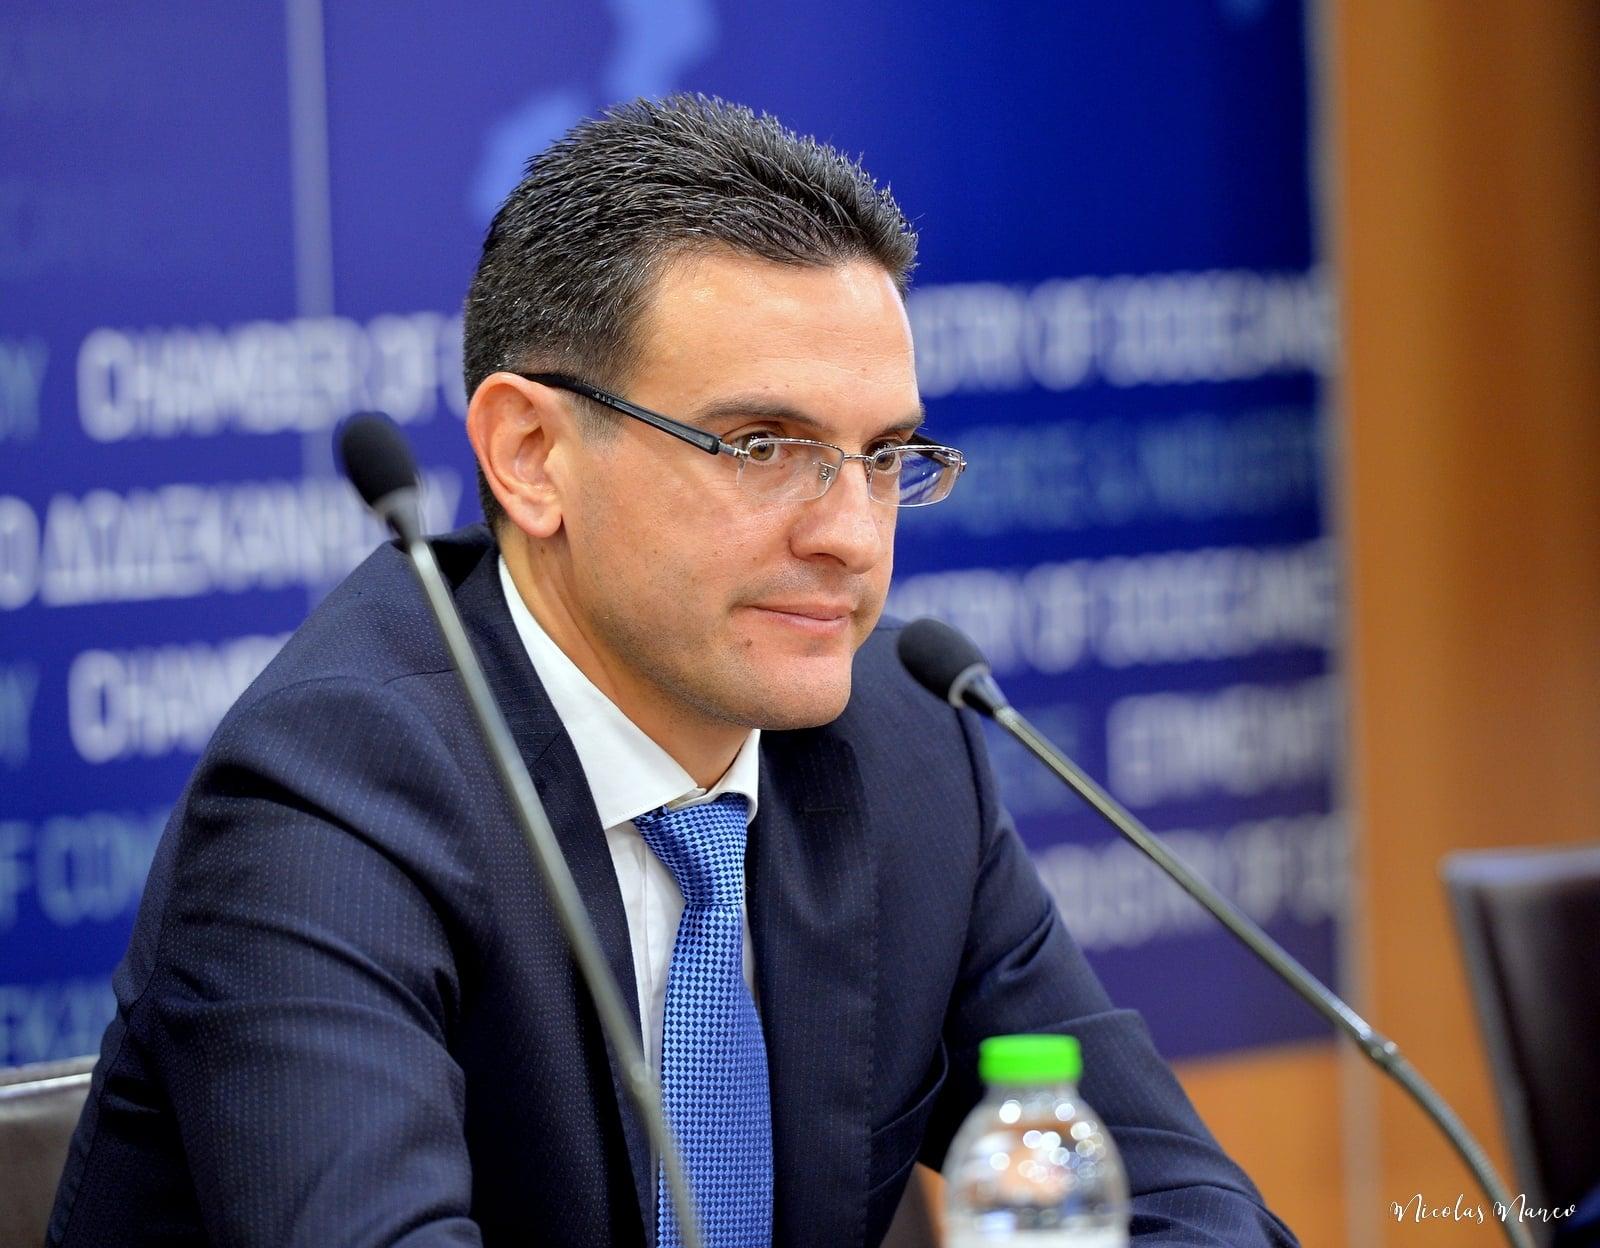 Προτάσεις ΟΕΕ Δωδεκανήσου για τις υπεύθυνες δηλώσεις αναστολής και τη στήριξη των εποχικών εργαζομένων